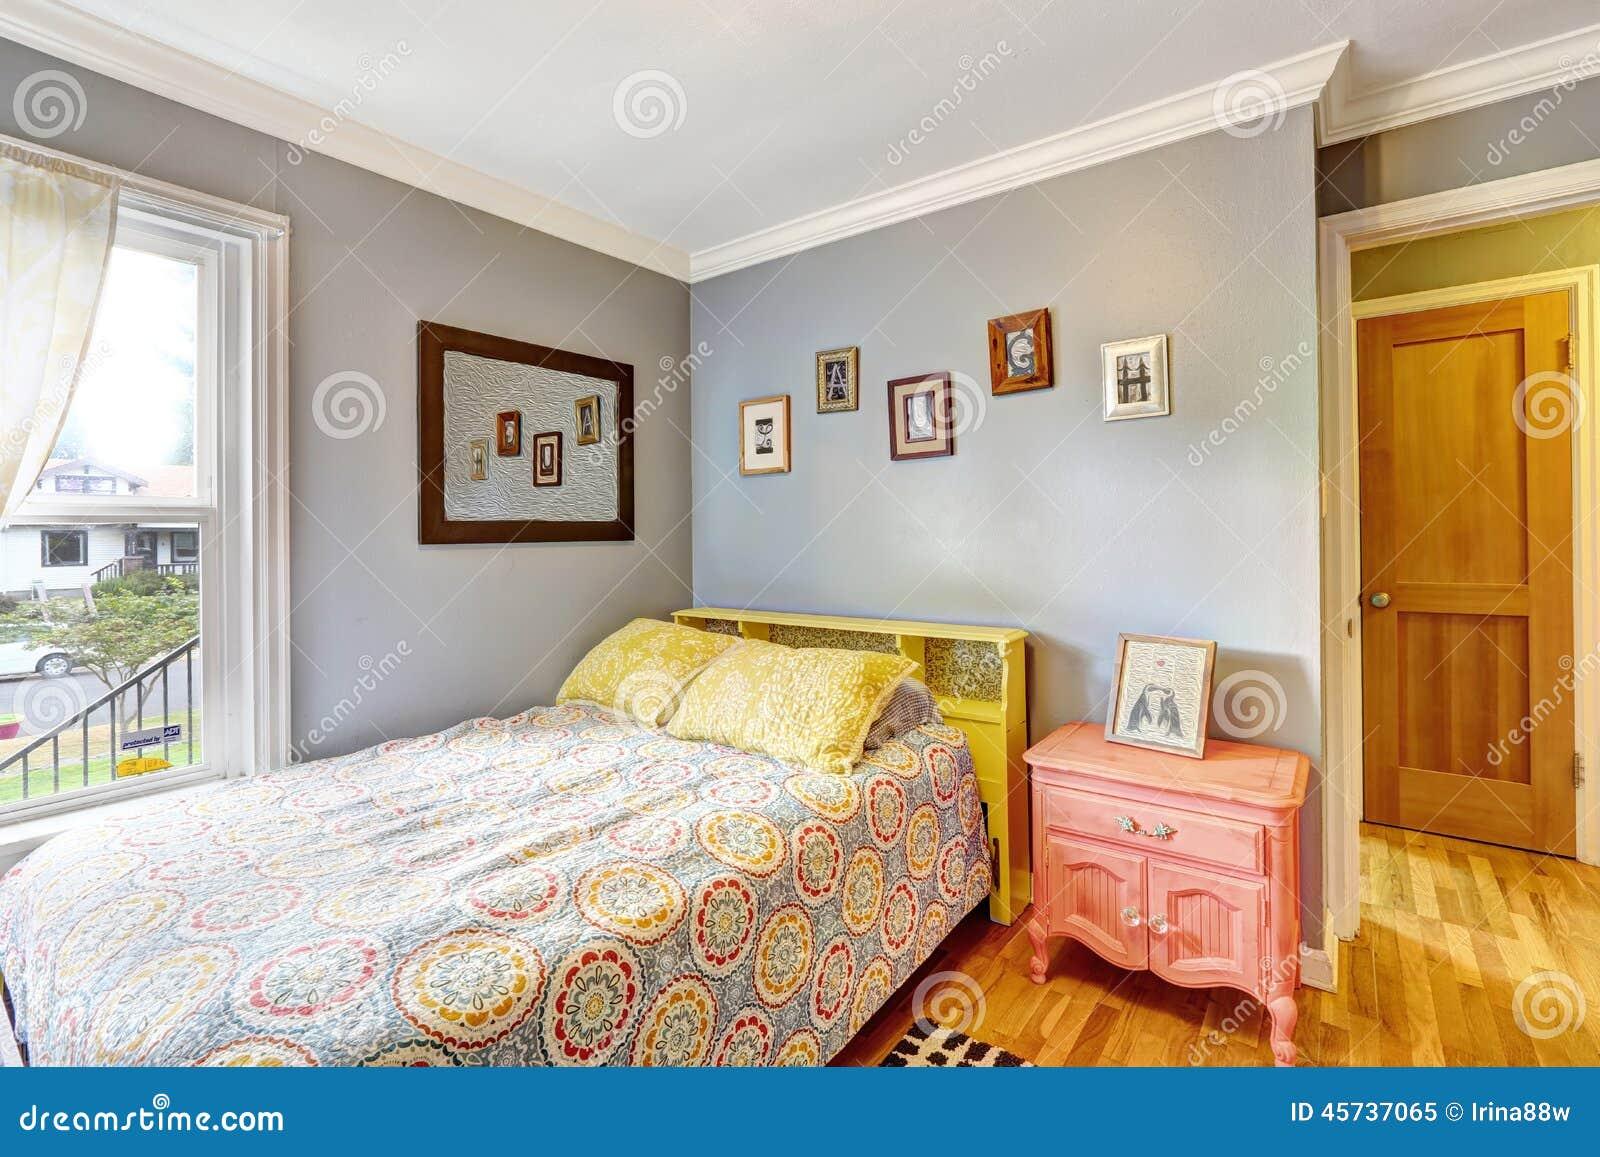 Licht Blauwe Slaapkamer : Eenvoudige slaapkamer met lichtblauwe muren stock afbeelding